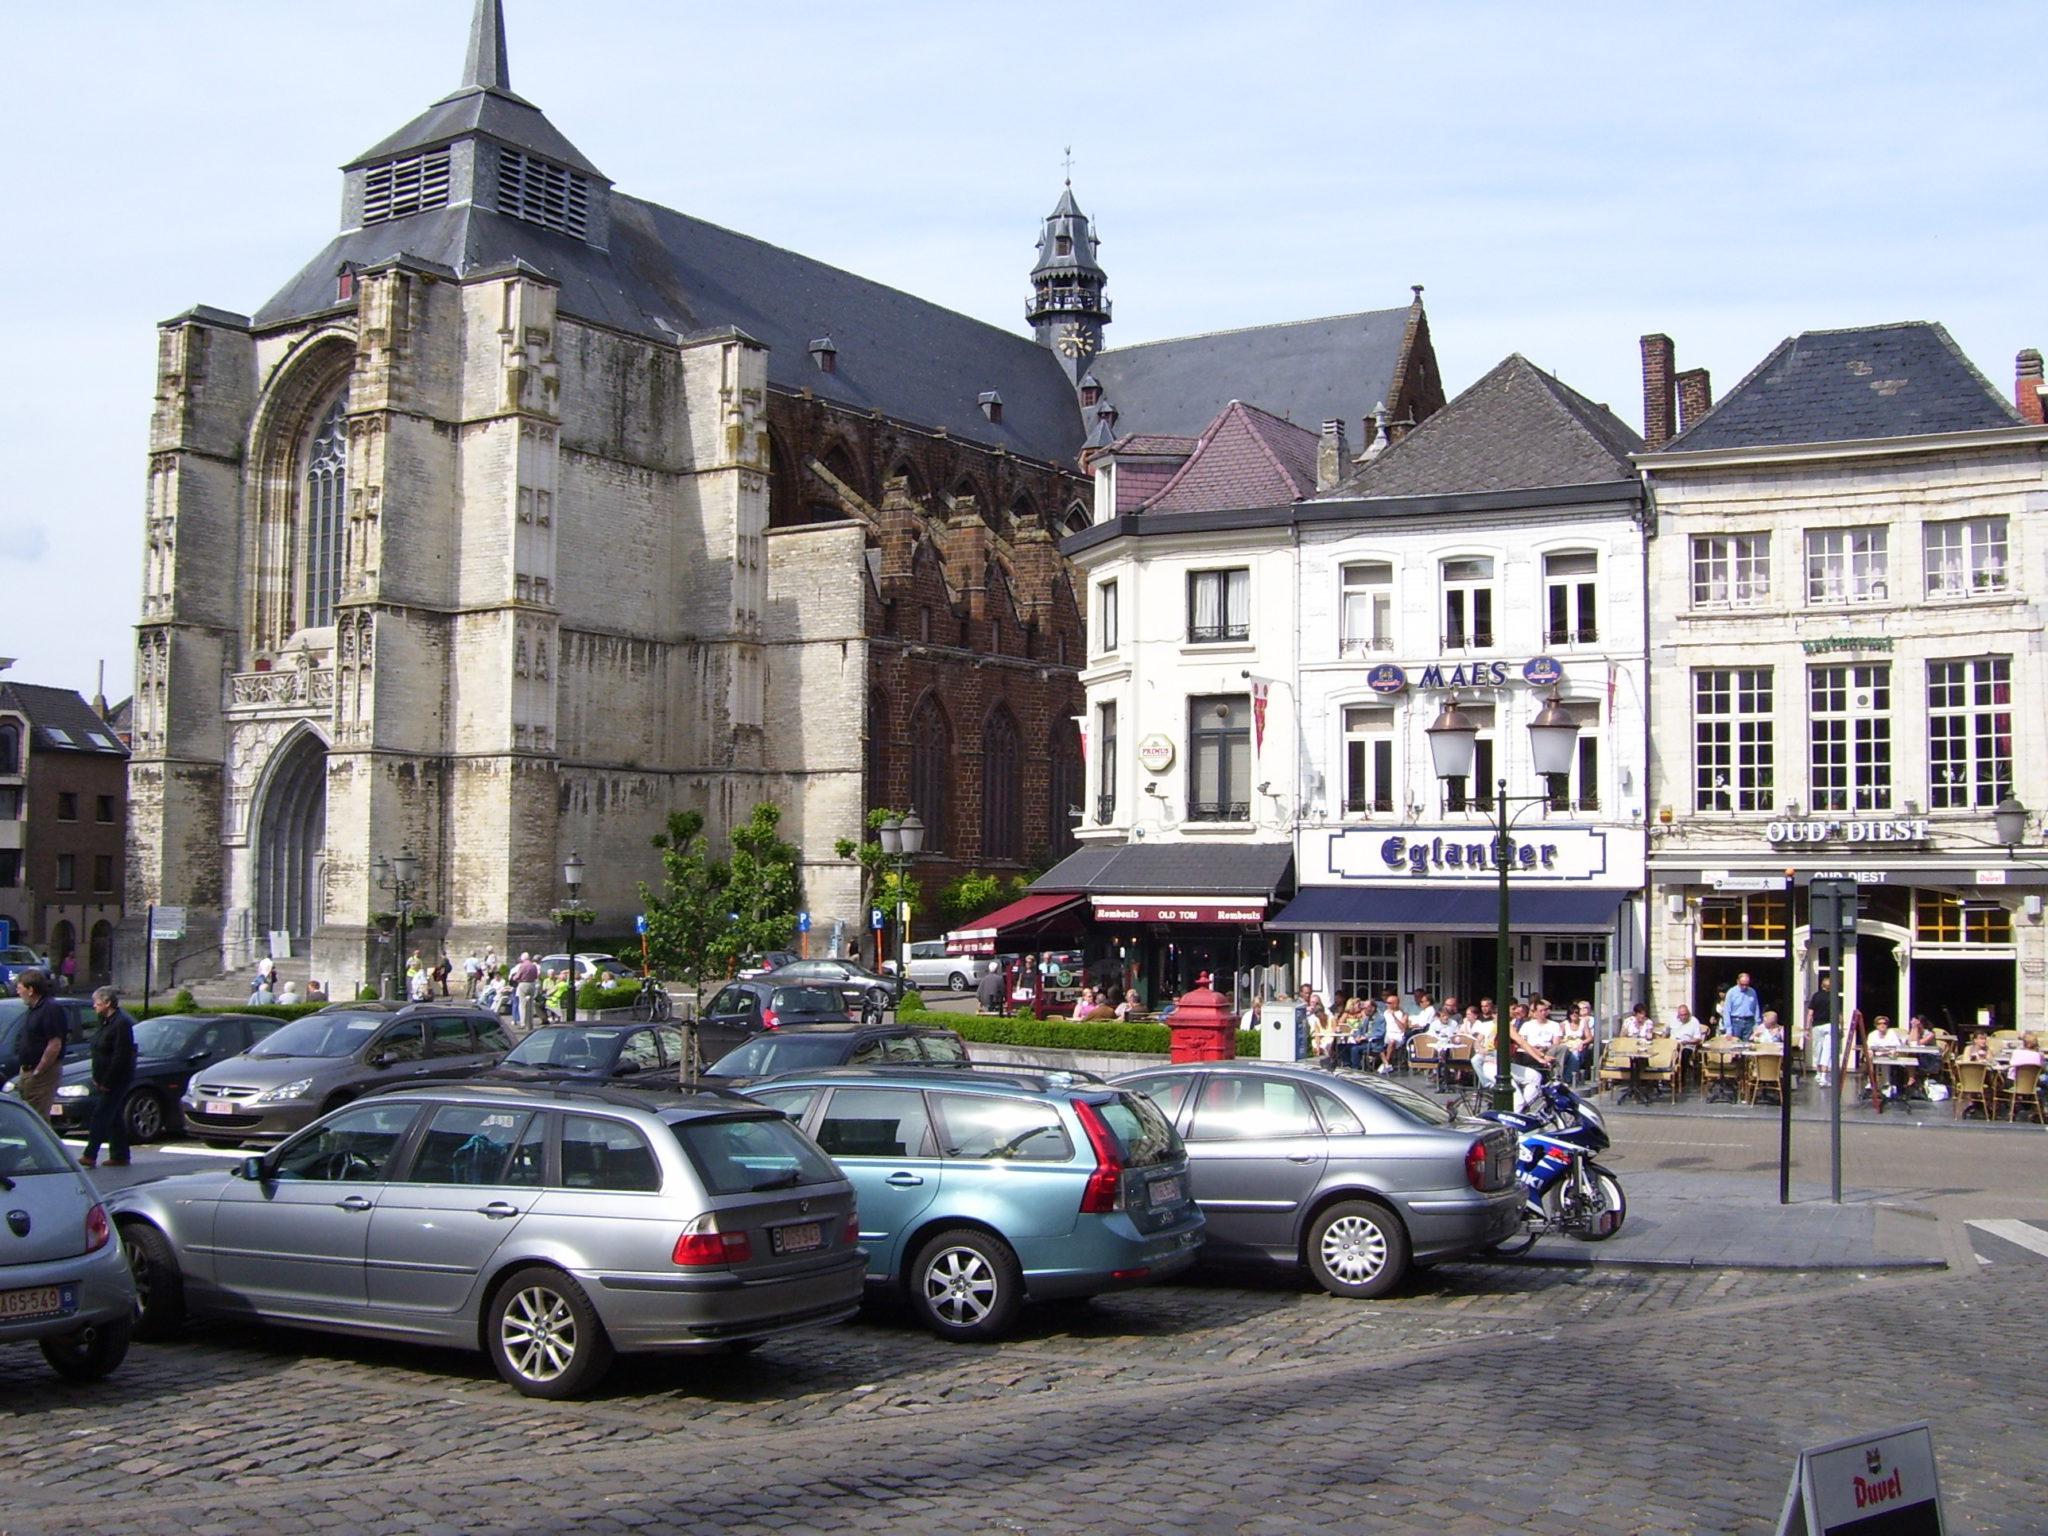 Vlaams Brabant nodigt uit voor een wandelroute tussen de Demer en de historische stadskern van Diest